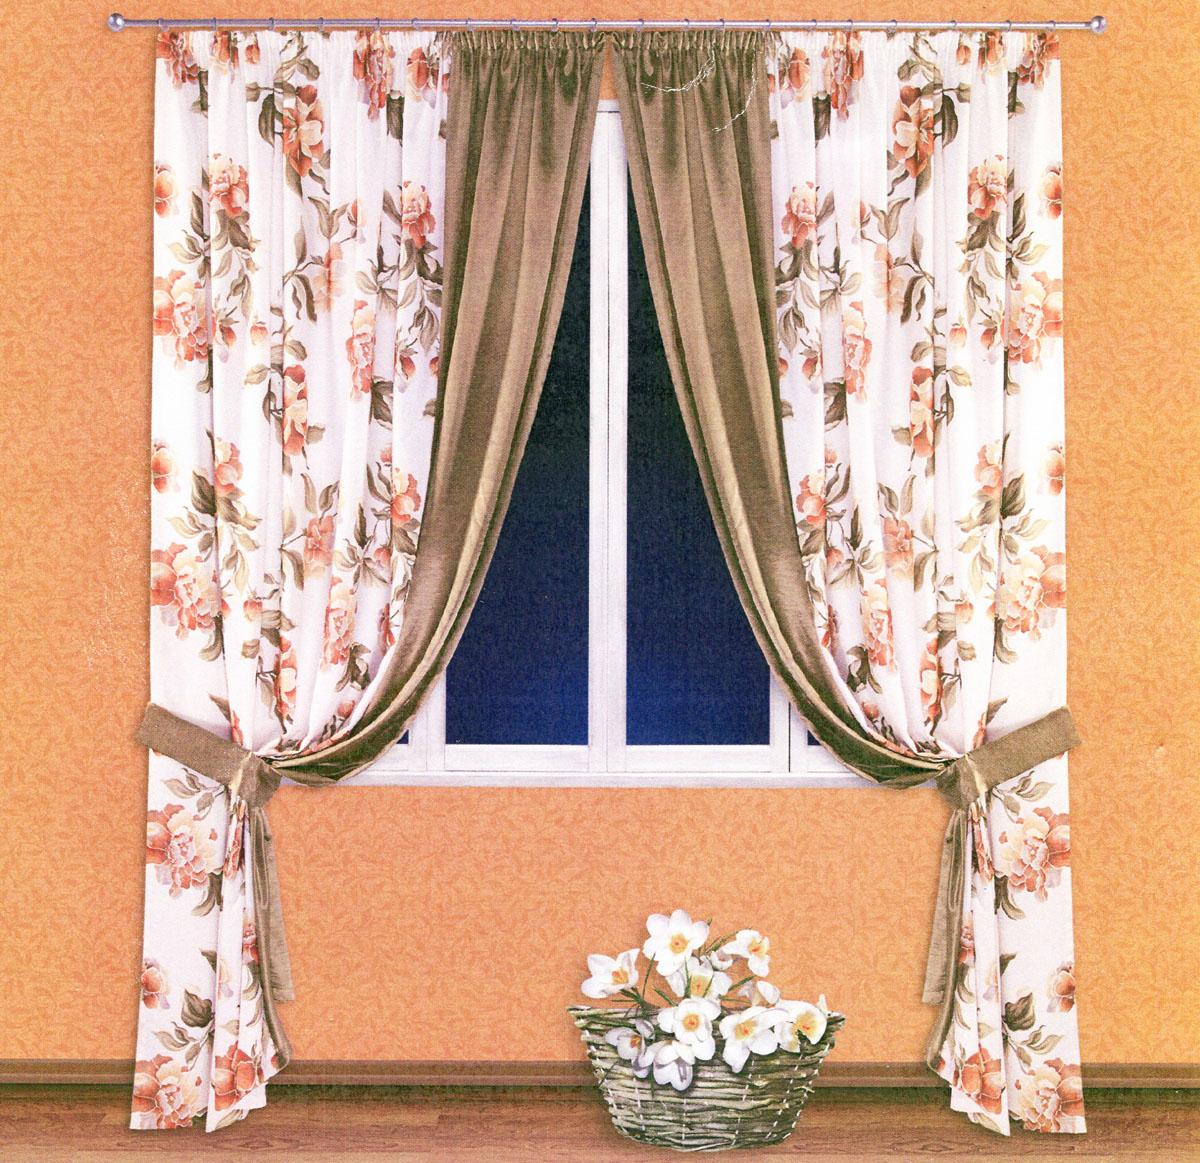 Комплект штор Zlata Korunka, на ленте, цвет: белый, оливковый, высота 250 см. 55522219000/170Роскошный комплект штор Zlata Korunka, выполненный из сатина и шанзализе (100% полиэстера), великолепно украсит любое окно. Комплект состоит из двух портьер и двух подхватов. Плотная ткань, цветочный принт и приятная, приглушенная гамма привлекут к себе внимание и органично впишутся в интерьер помещения. Комплект крепится на карниз при помощи шторной ленты, которая поможет красиво и равномерно задрапировать верх. Портьеры можно зафиксировать в одном положении с помощью двух подхватов. Этот комплект будет долгое время радовать вас и вашу семью! В комплект входит: Портьера: 2 шт. Размер (ШхВ): 200 см х 250 см. Подхват: 2 шт. Размер (ШхВ): 60 см х 10 см.